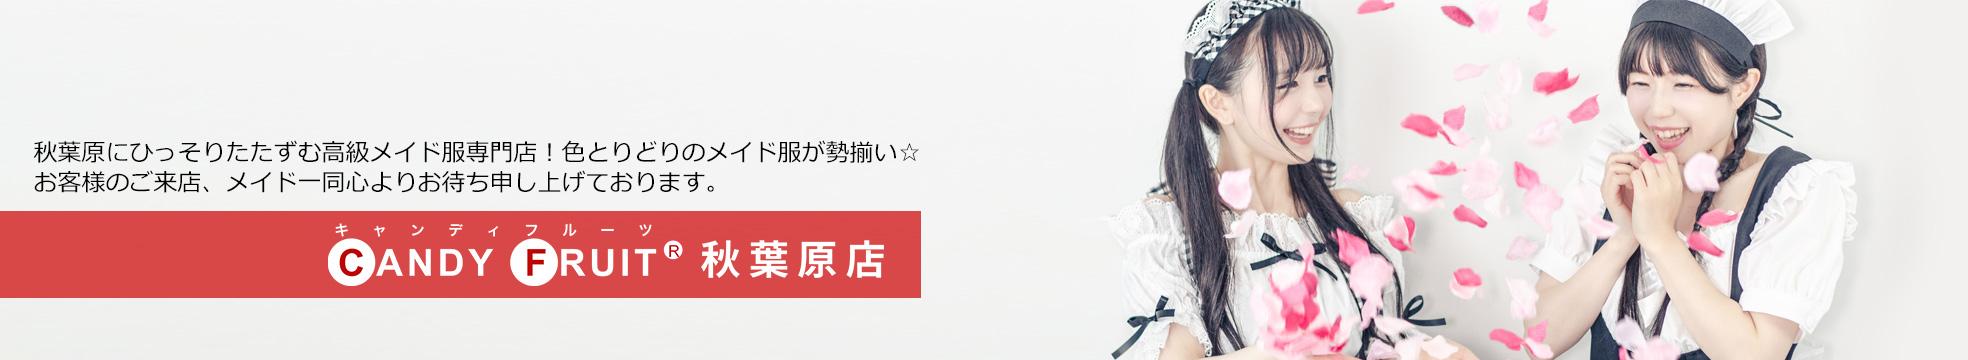 改めまして・・・ | キャンディフルーツ秋葉原店ブログ